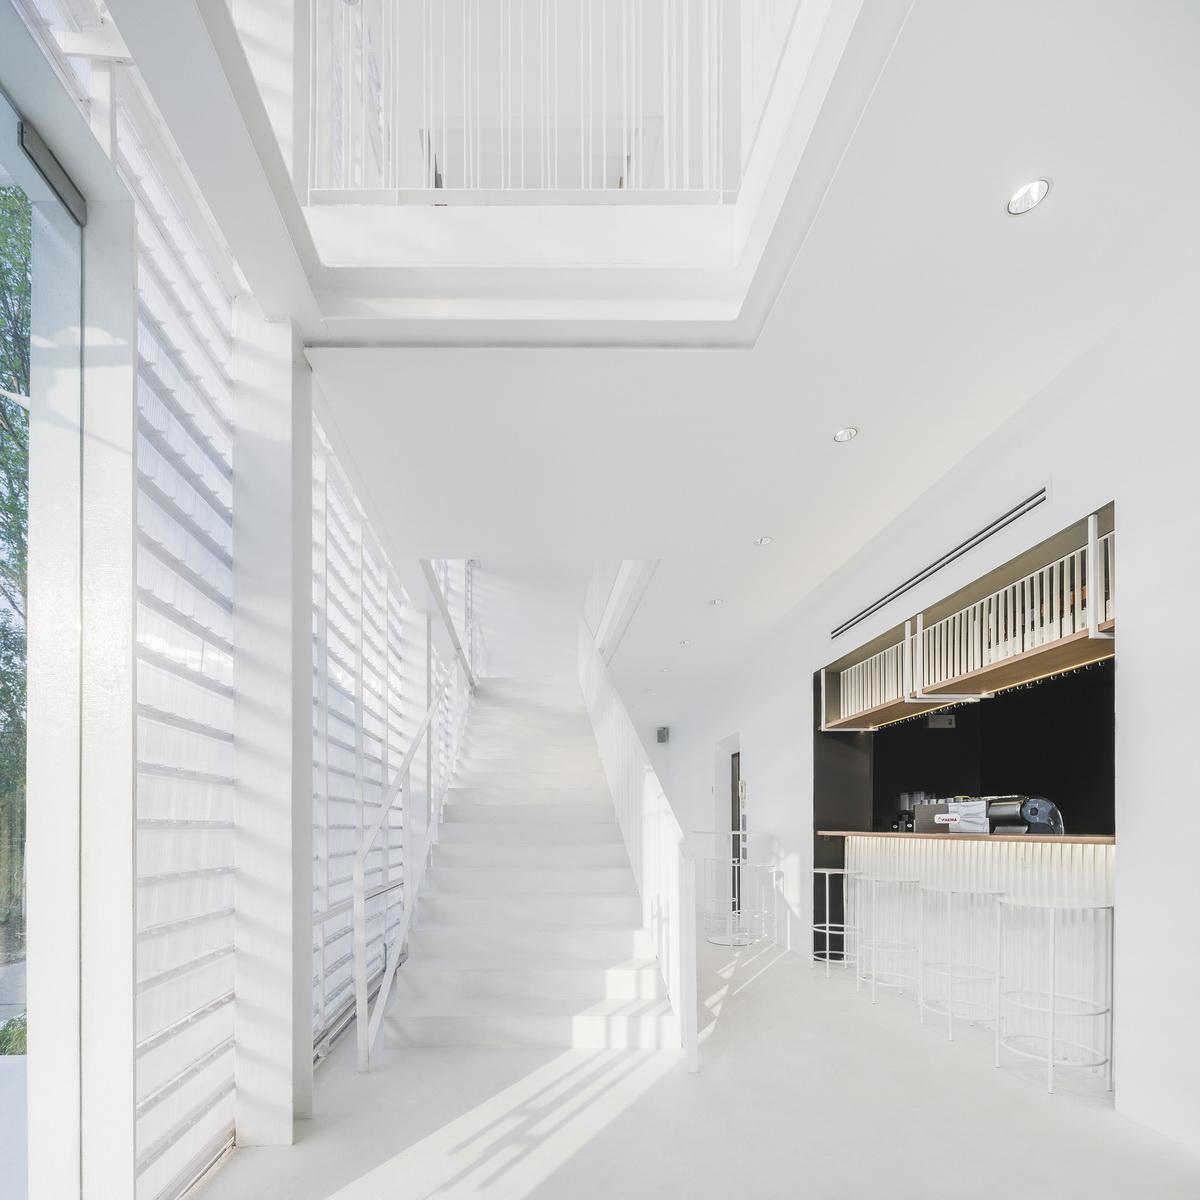 清迈小小庇护所微型酒店建筑设计/Department of Architecture